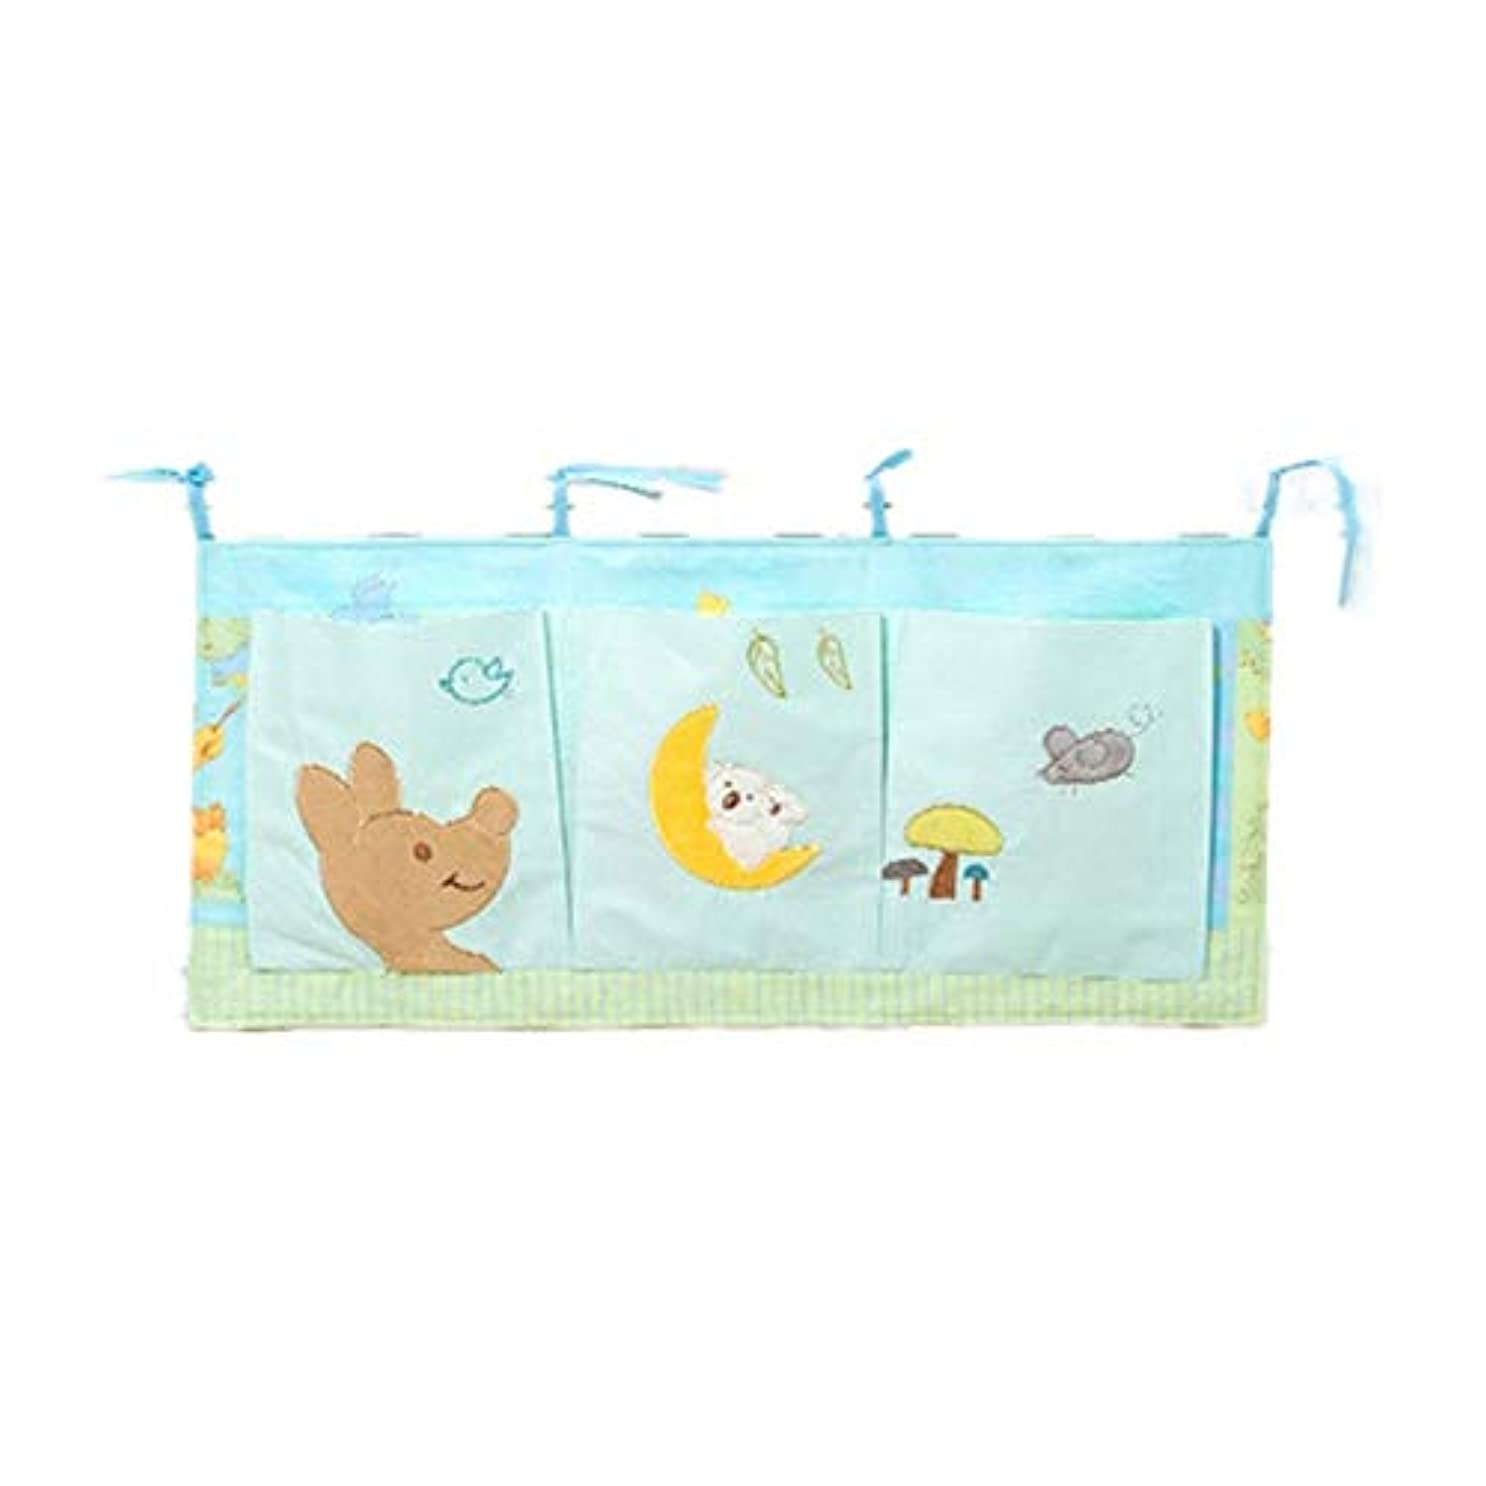 下品セージ子羊収納ポケット 赤ちゃんの必需品のためのベッドハンギング収納袋保育園オーガナイザーと赤ちゃんのおむつキャディハンギングおむつ組織 (色 : Picture Color, サイズ : 32X70CM)